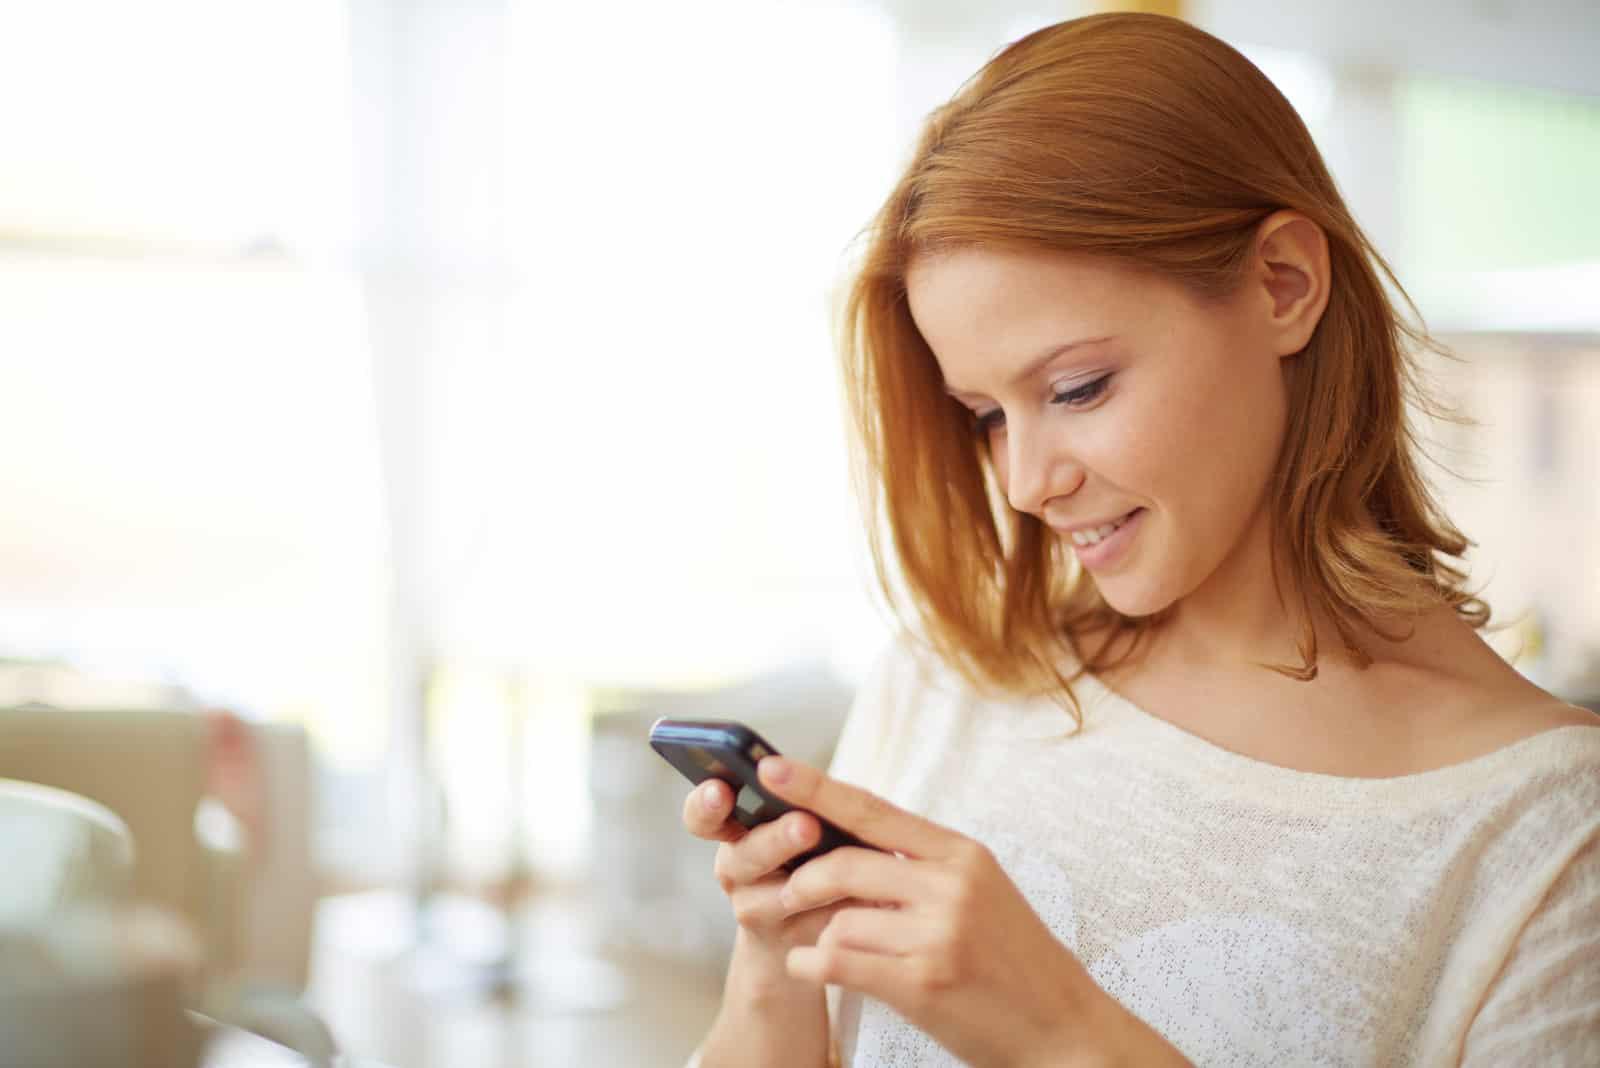 une femme aux cheveux bruns courts se dresse et des boutons sur le téléphone